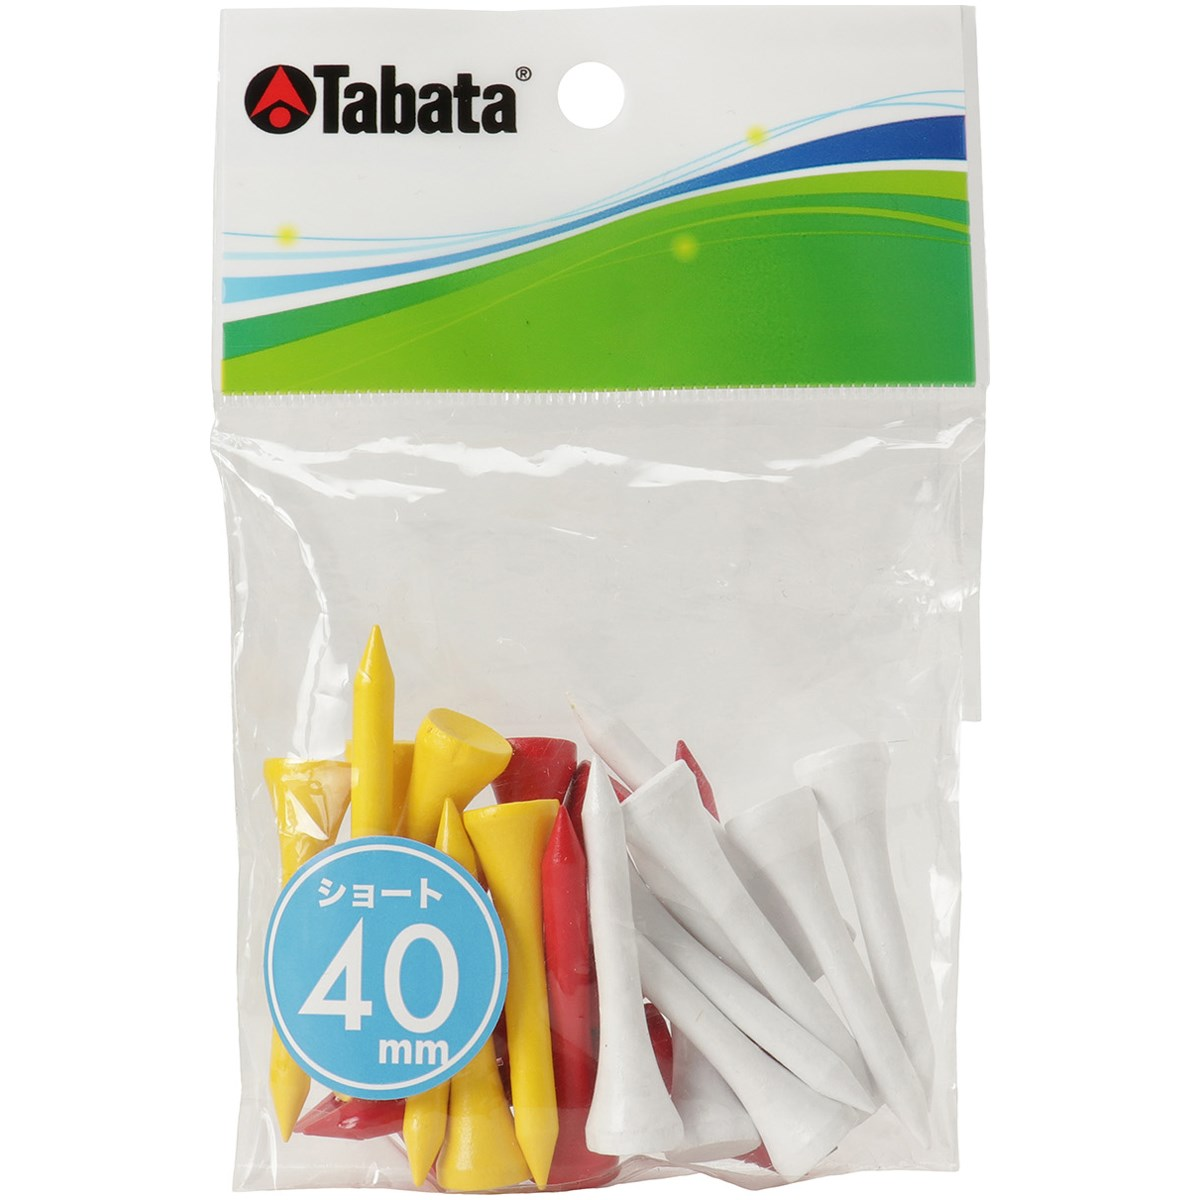 タバタ プロスリムショート カラー GV-0503